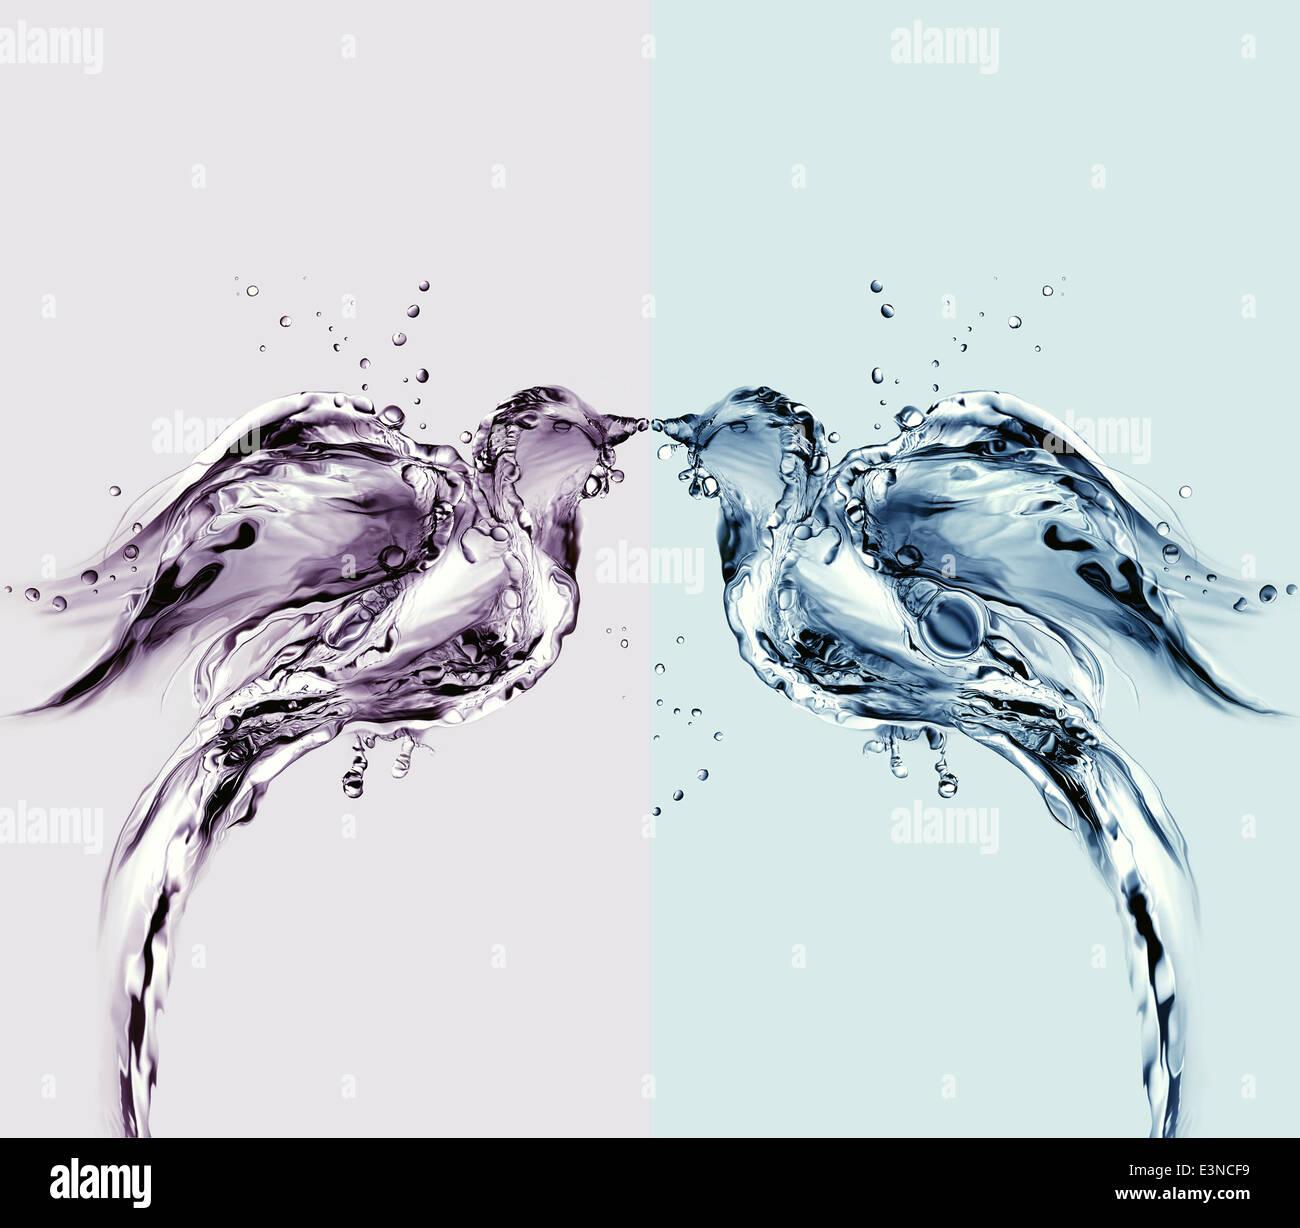 Due uccelli fatta di acqua baciare. Immagini Stock